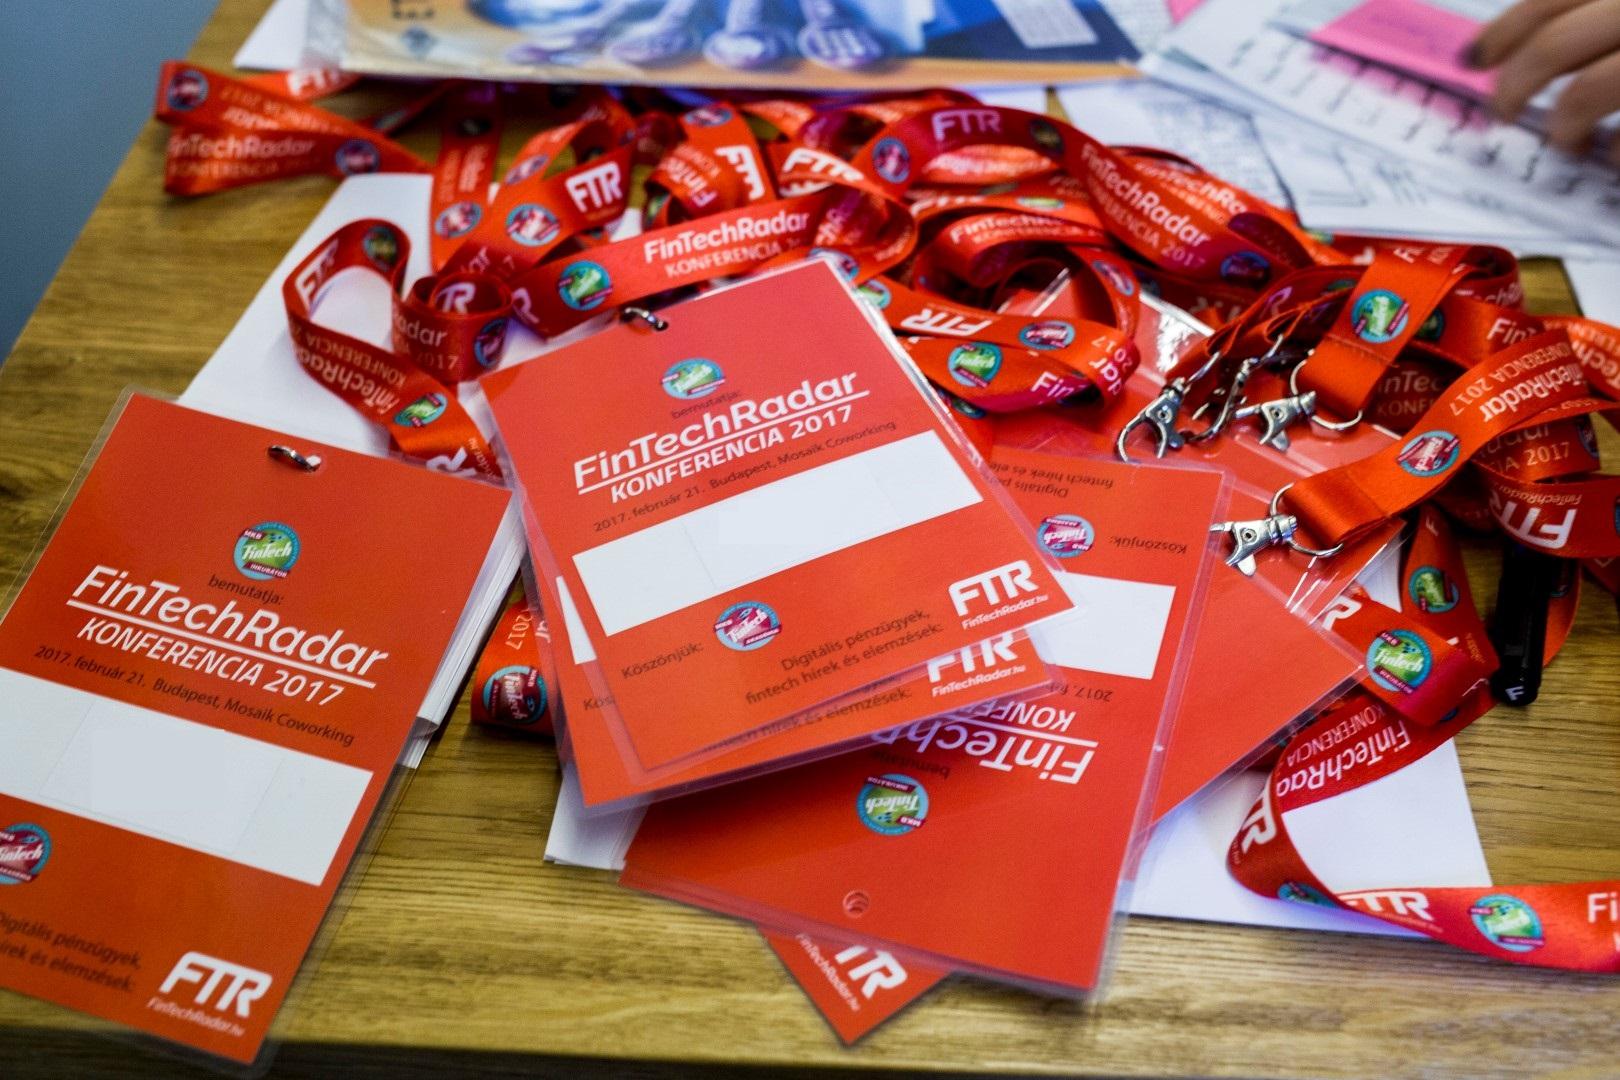 Jön a nagyobb, hosszabb, vágatlan fintech konferencia (Fotó: Pál Anna Viktória / FTR)